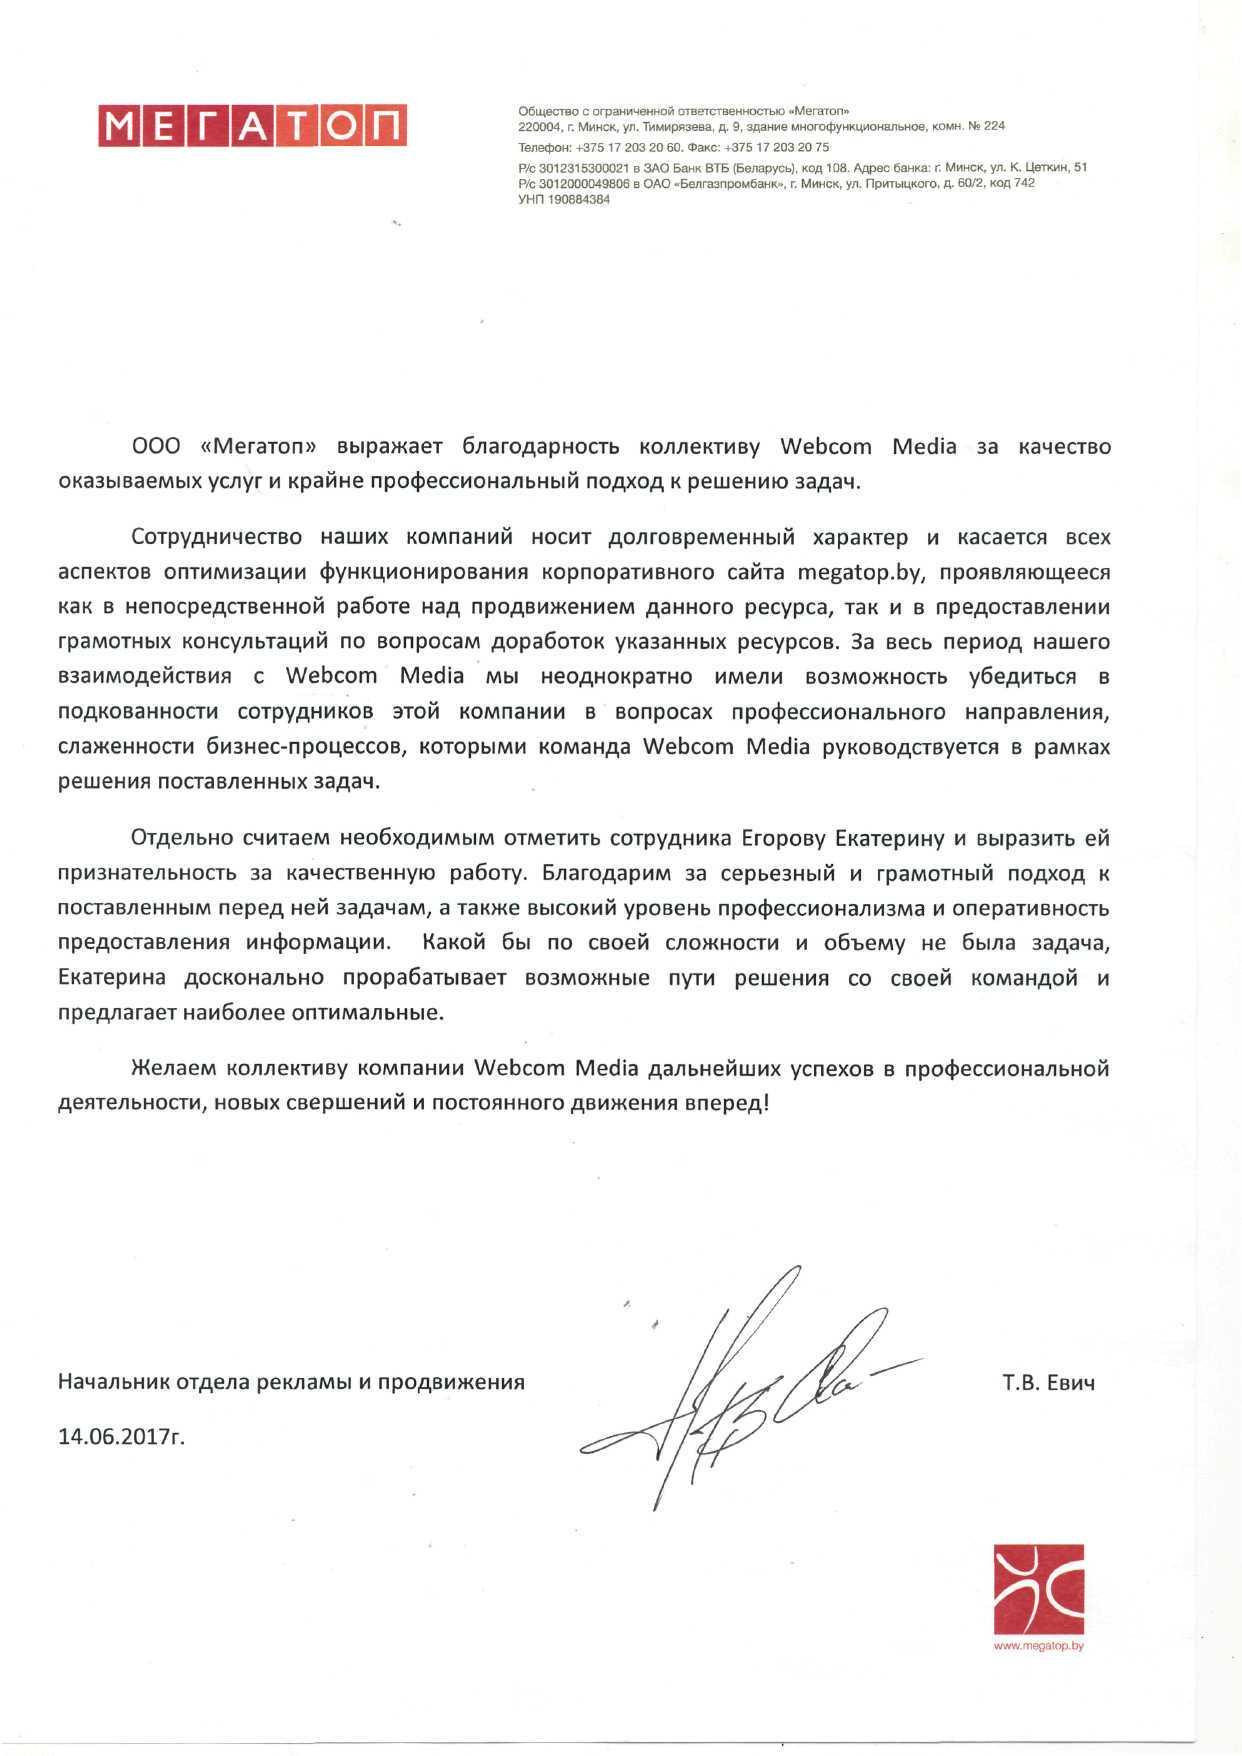 Начальник отдела рекламы и продвижения ООО «Мегатоп»